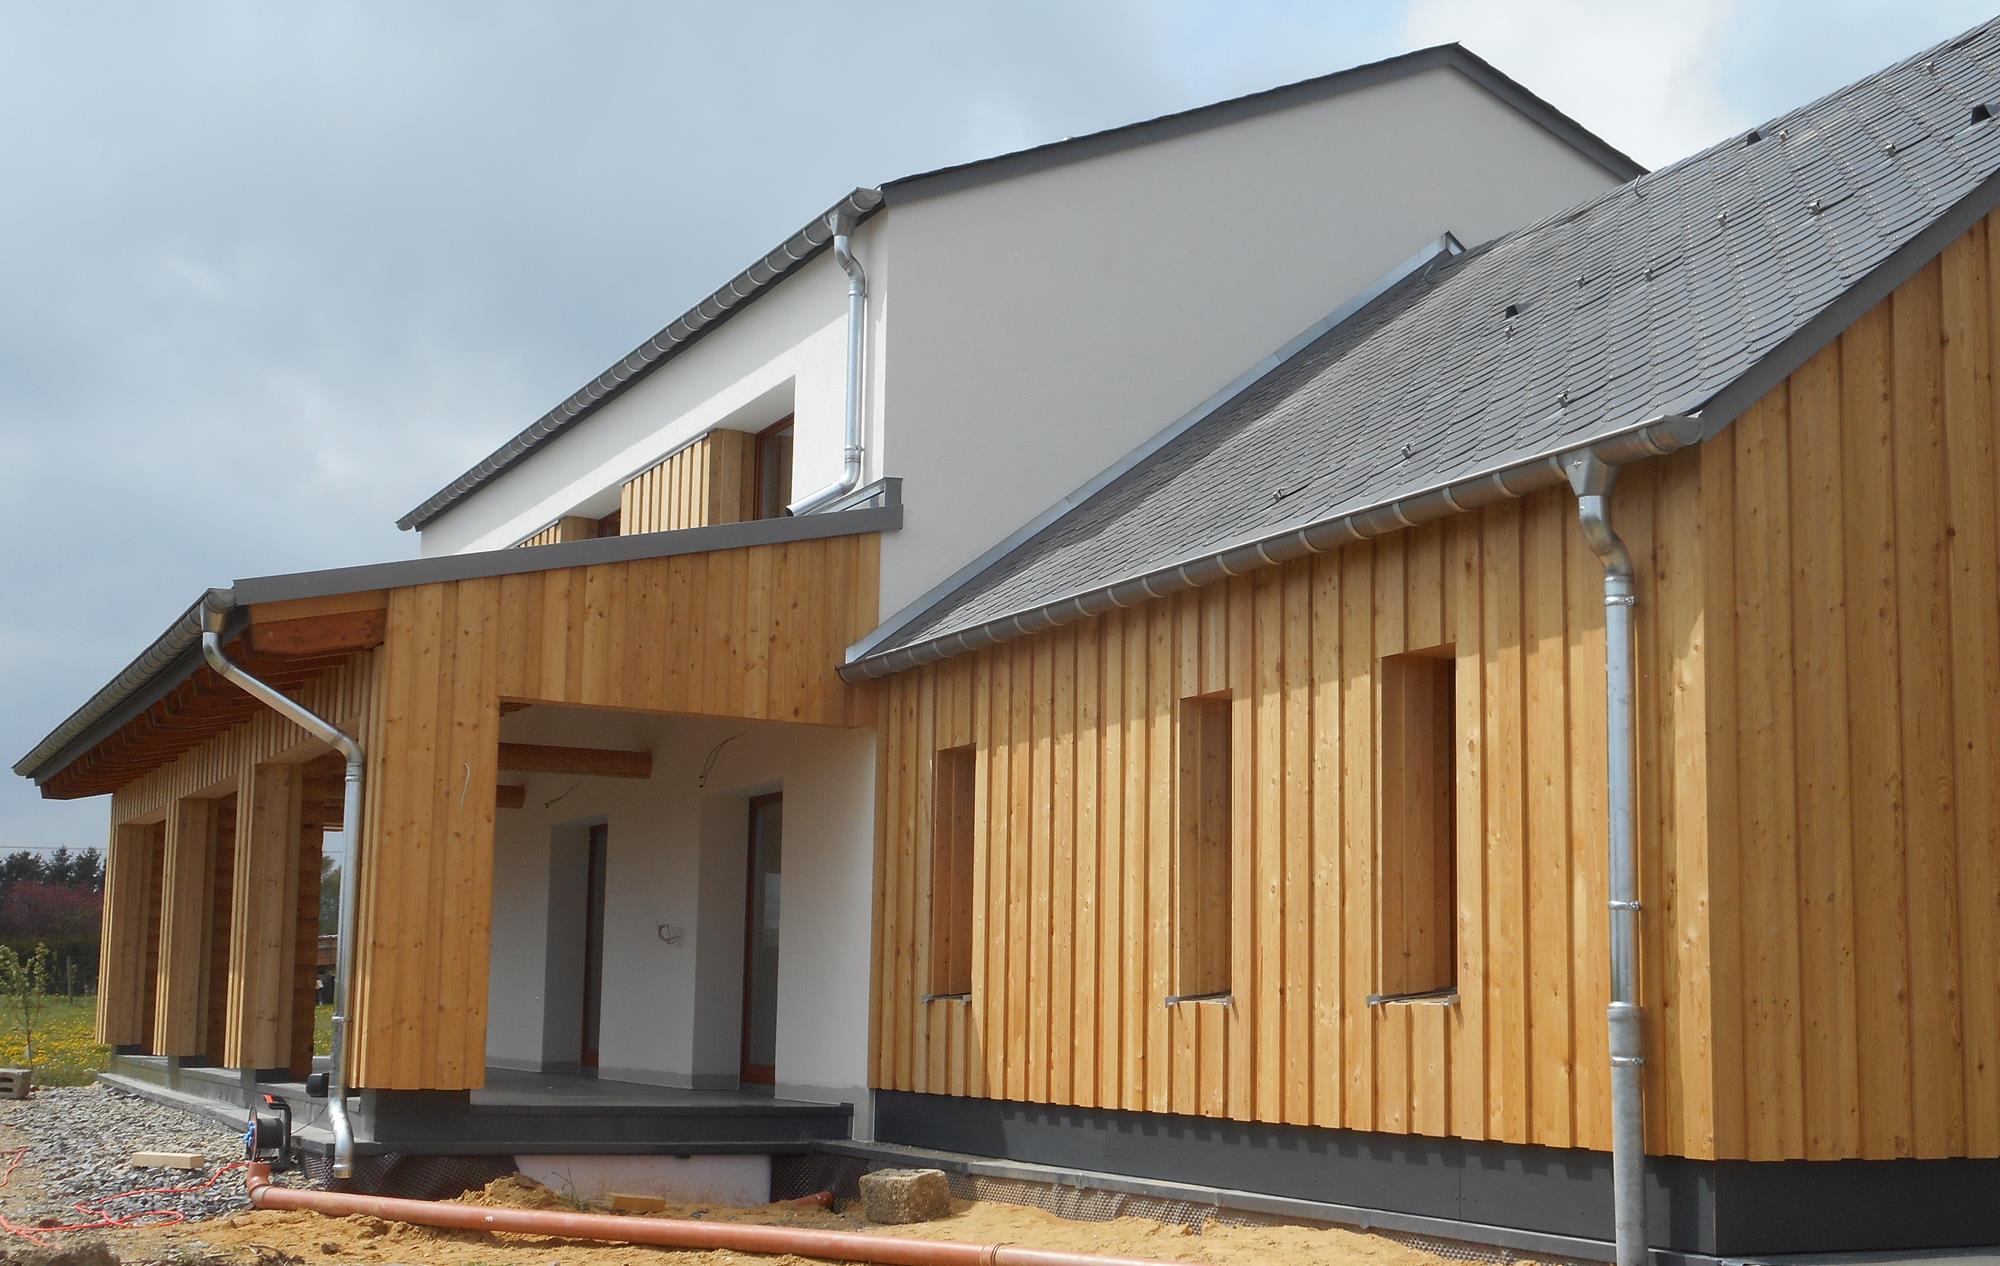 Fassadenplatten Holz holzfassaden schreinerei innenausbau holzbau charpente garry